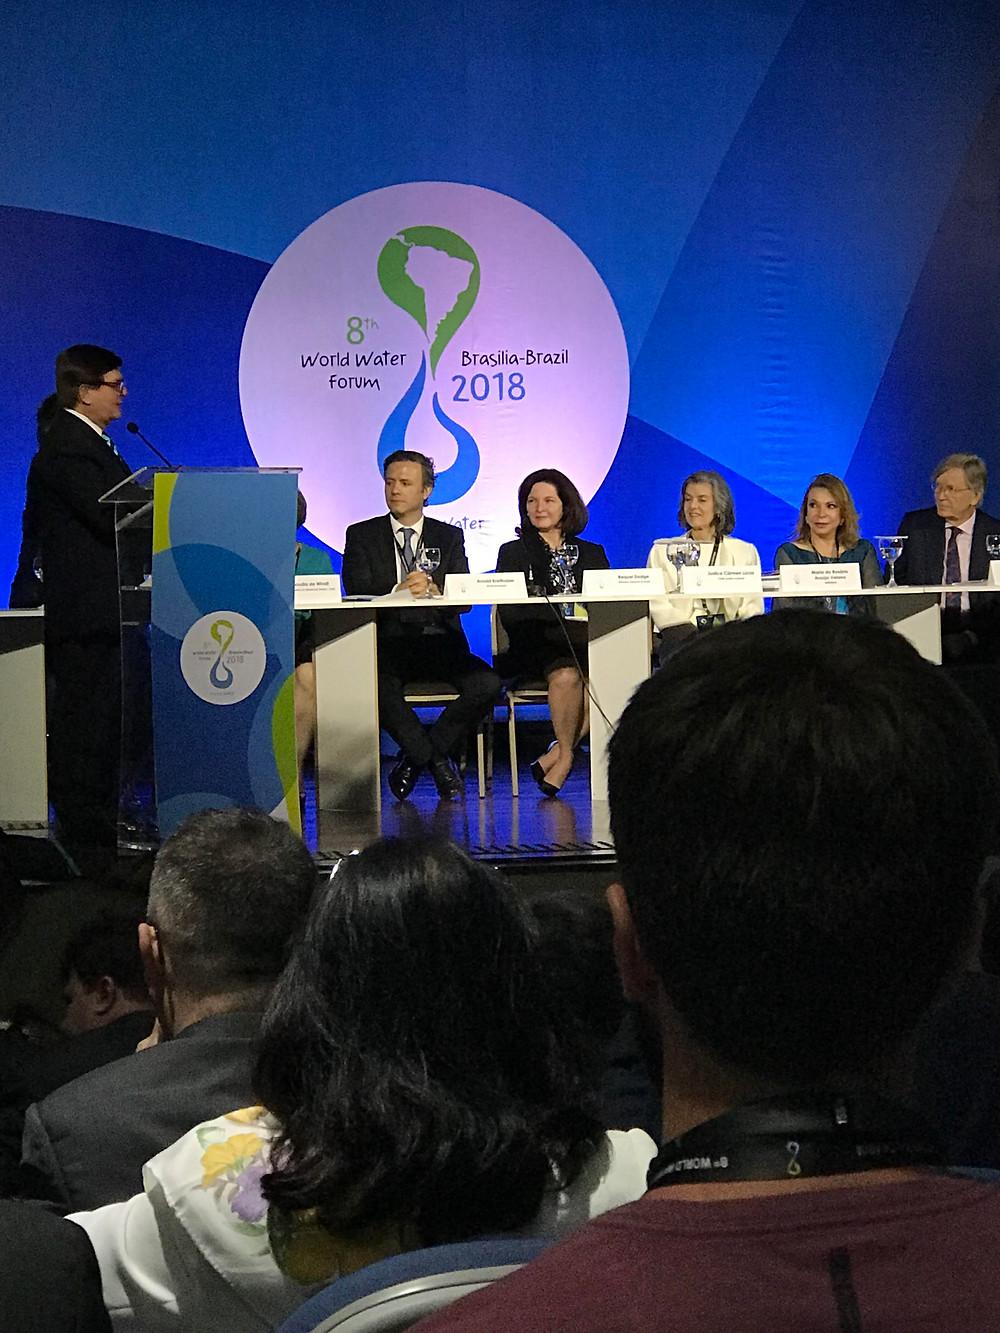 Fórum mundial da água brasília